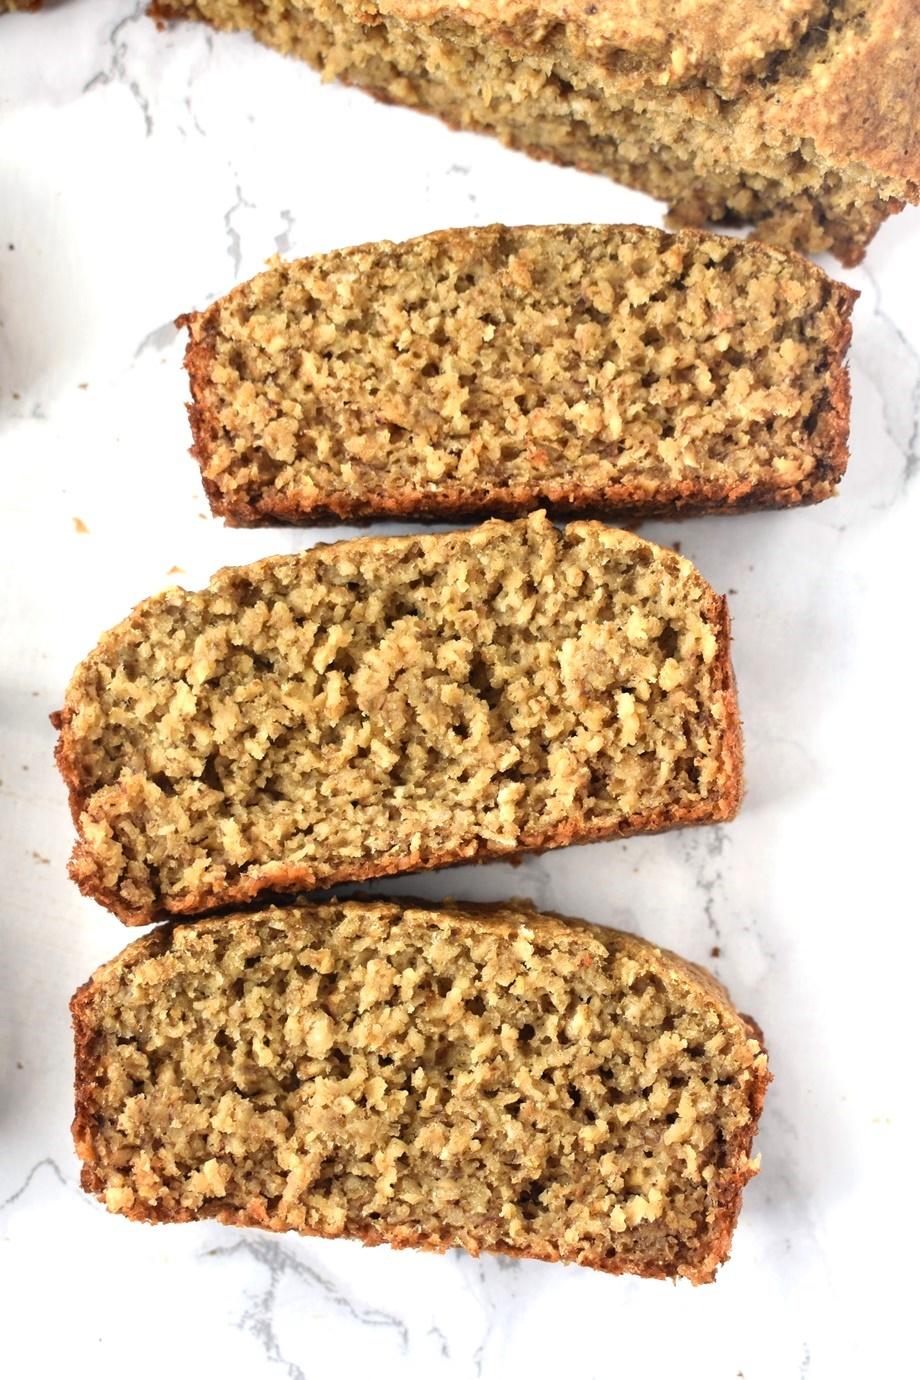 Oatmeal banana bread slices